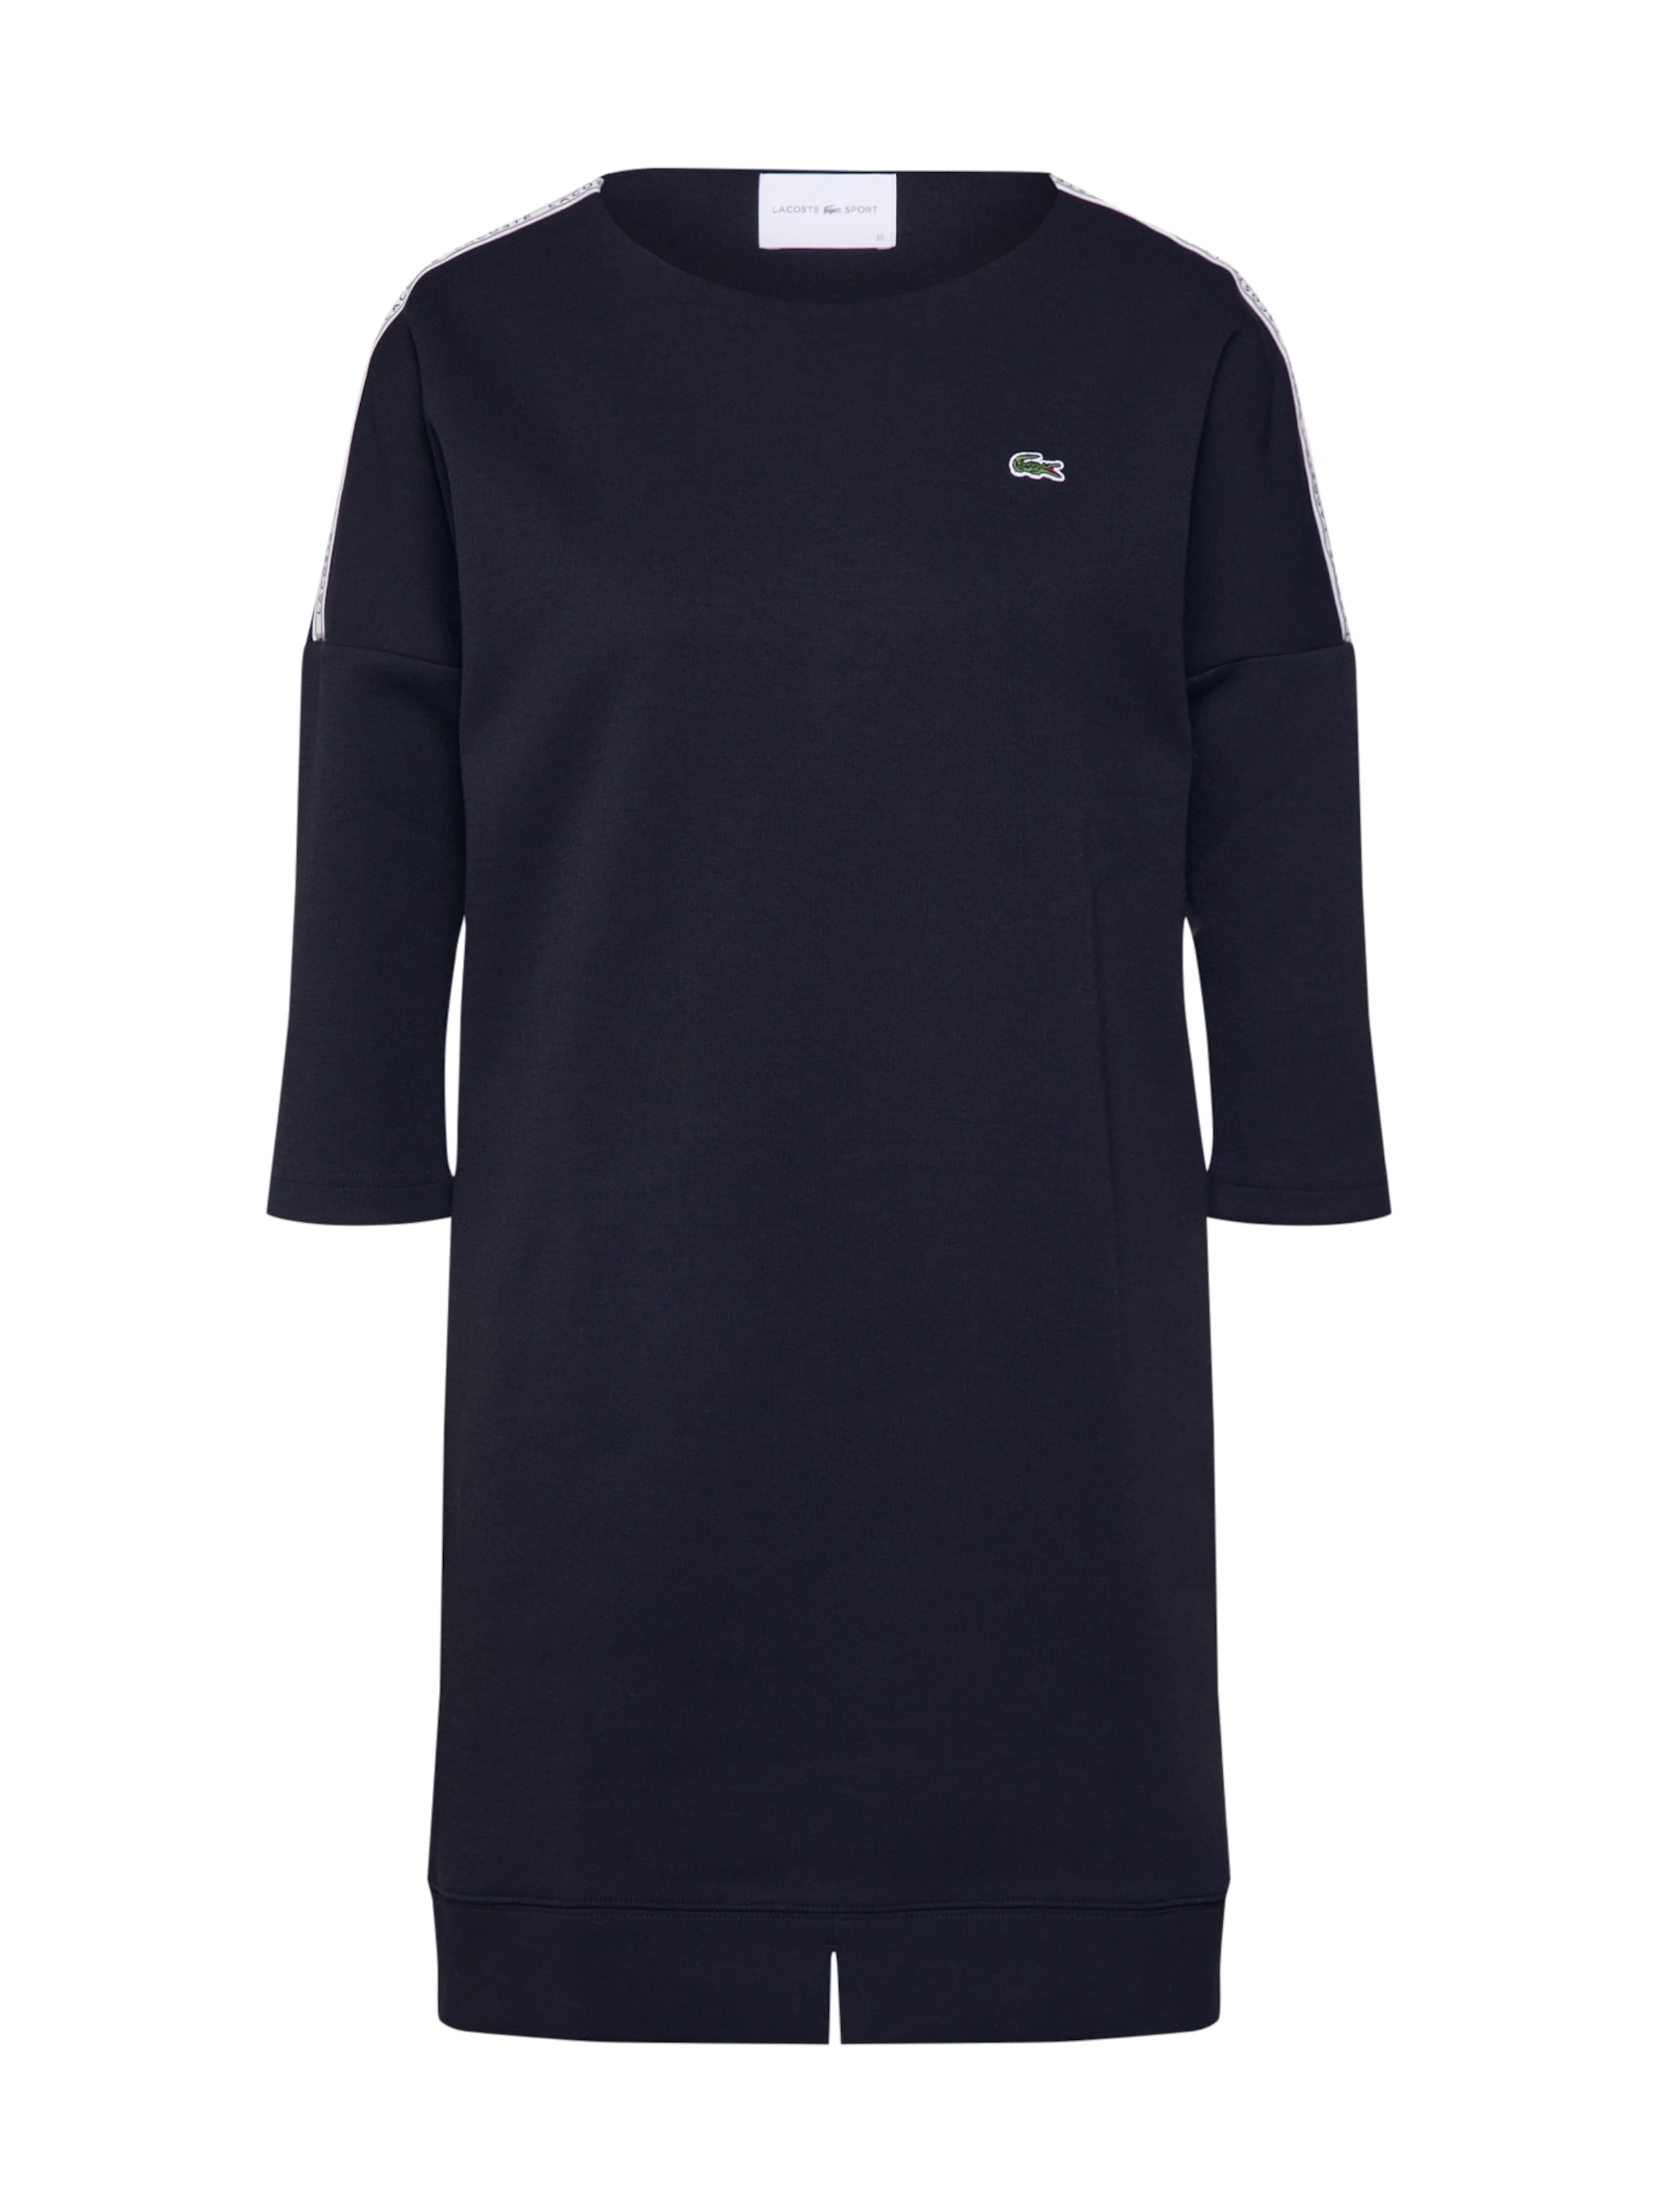 'robe' 'robe' NoirBlanc Robe 'robe' Robe En Lacoste Lacoste Robe Lacoste NoirBlanc En sdBhQrxtCo